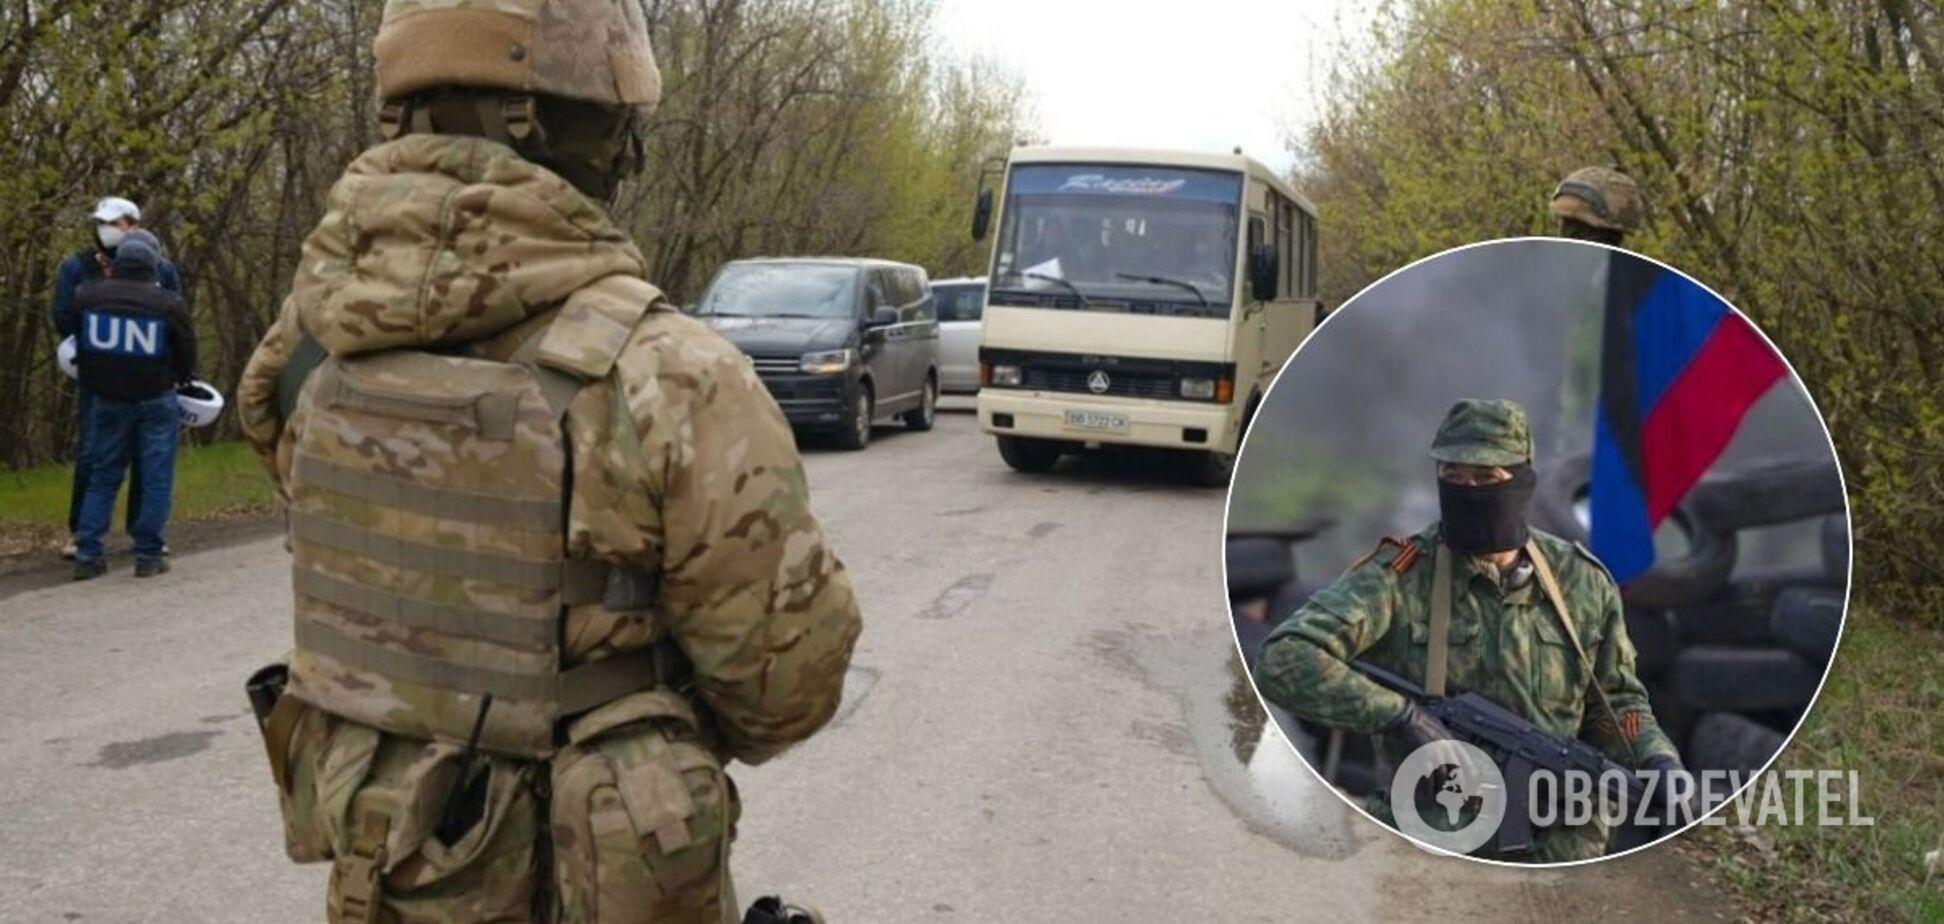 Терористи 'Л/ДНР' передадуть Україні полонених в односторонньому порядку: Кравчук відповів